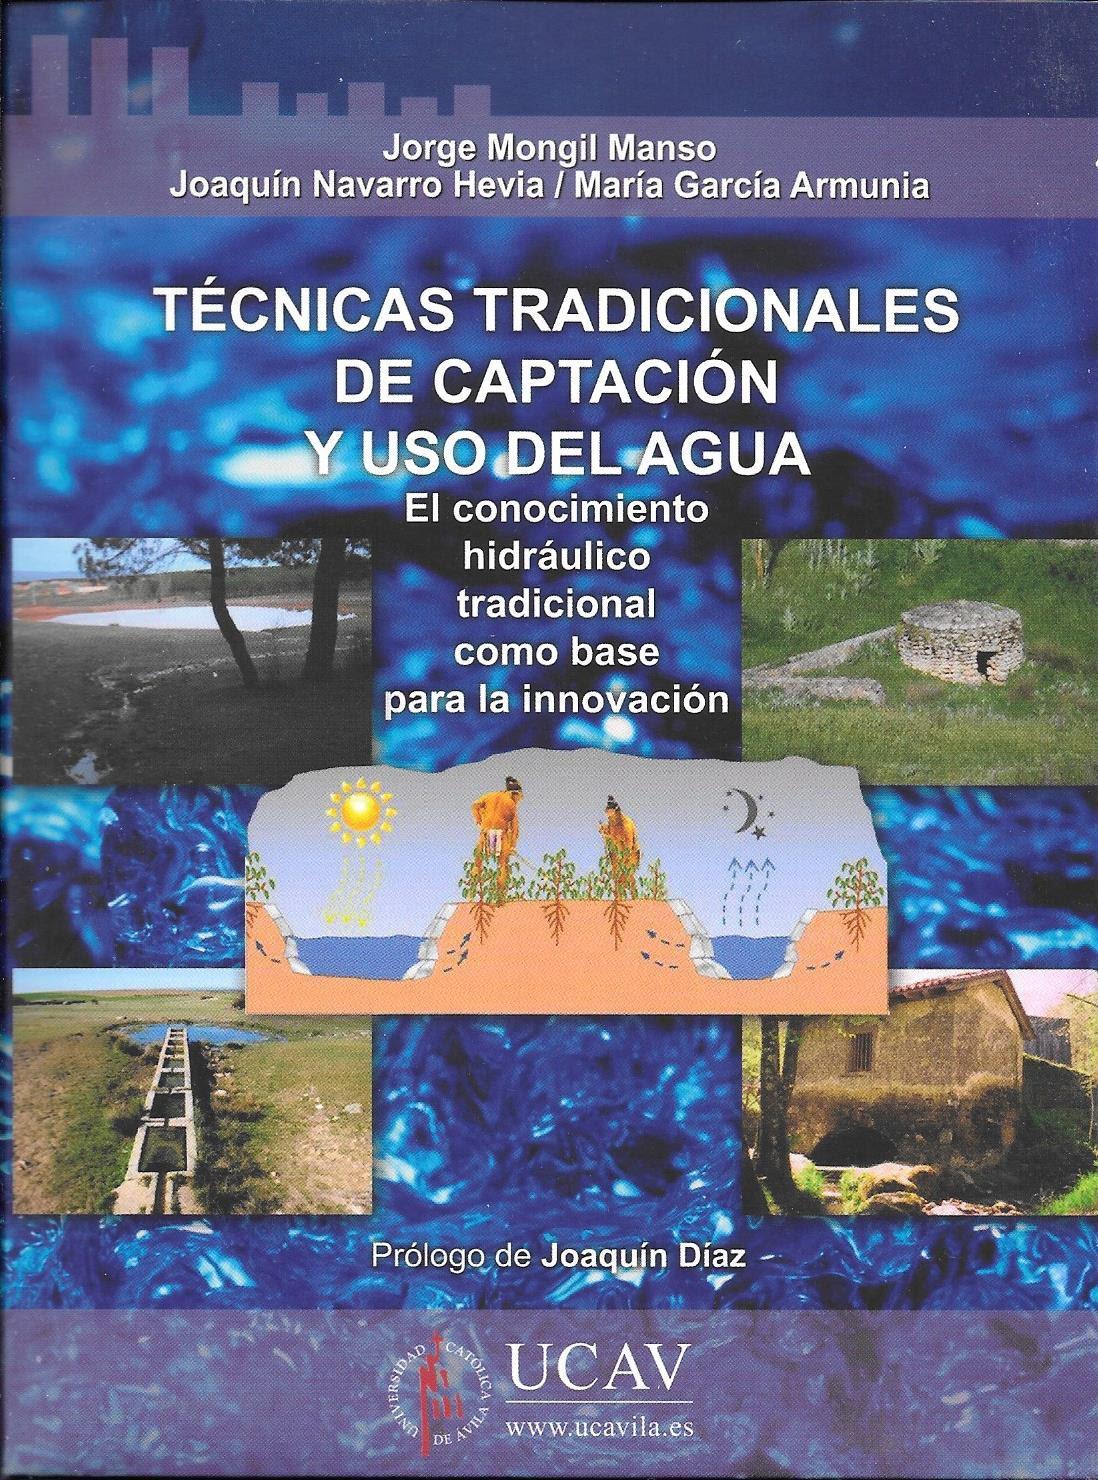 Técnicas tradicionales de captación y uso del agua